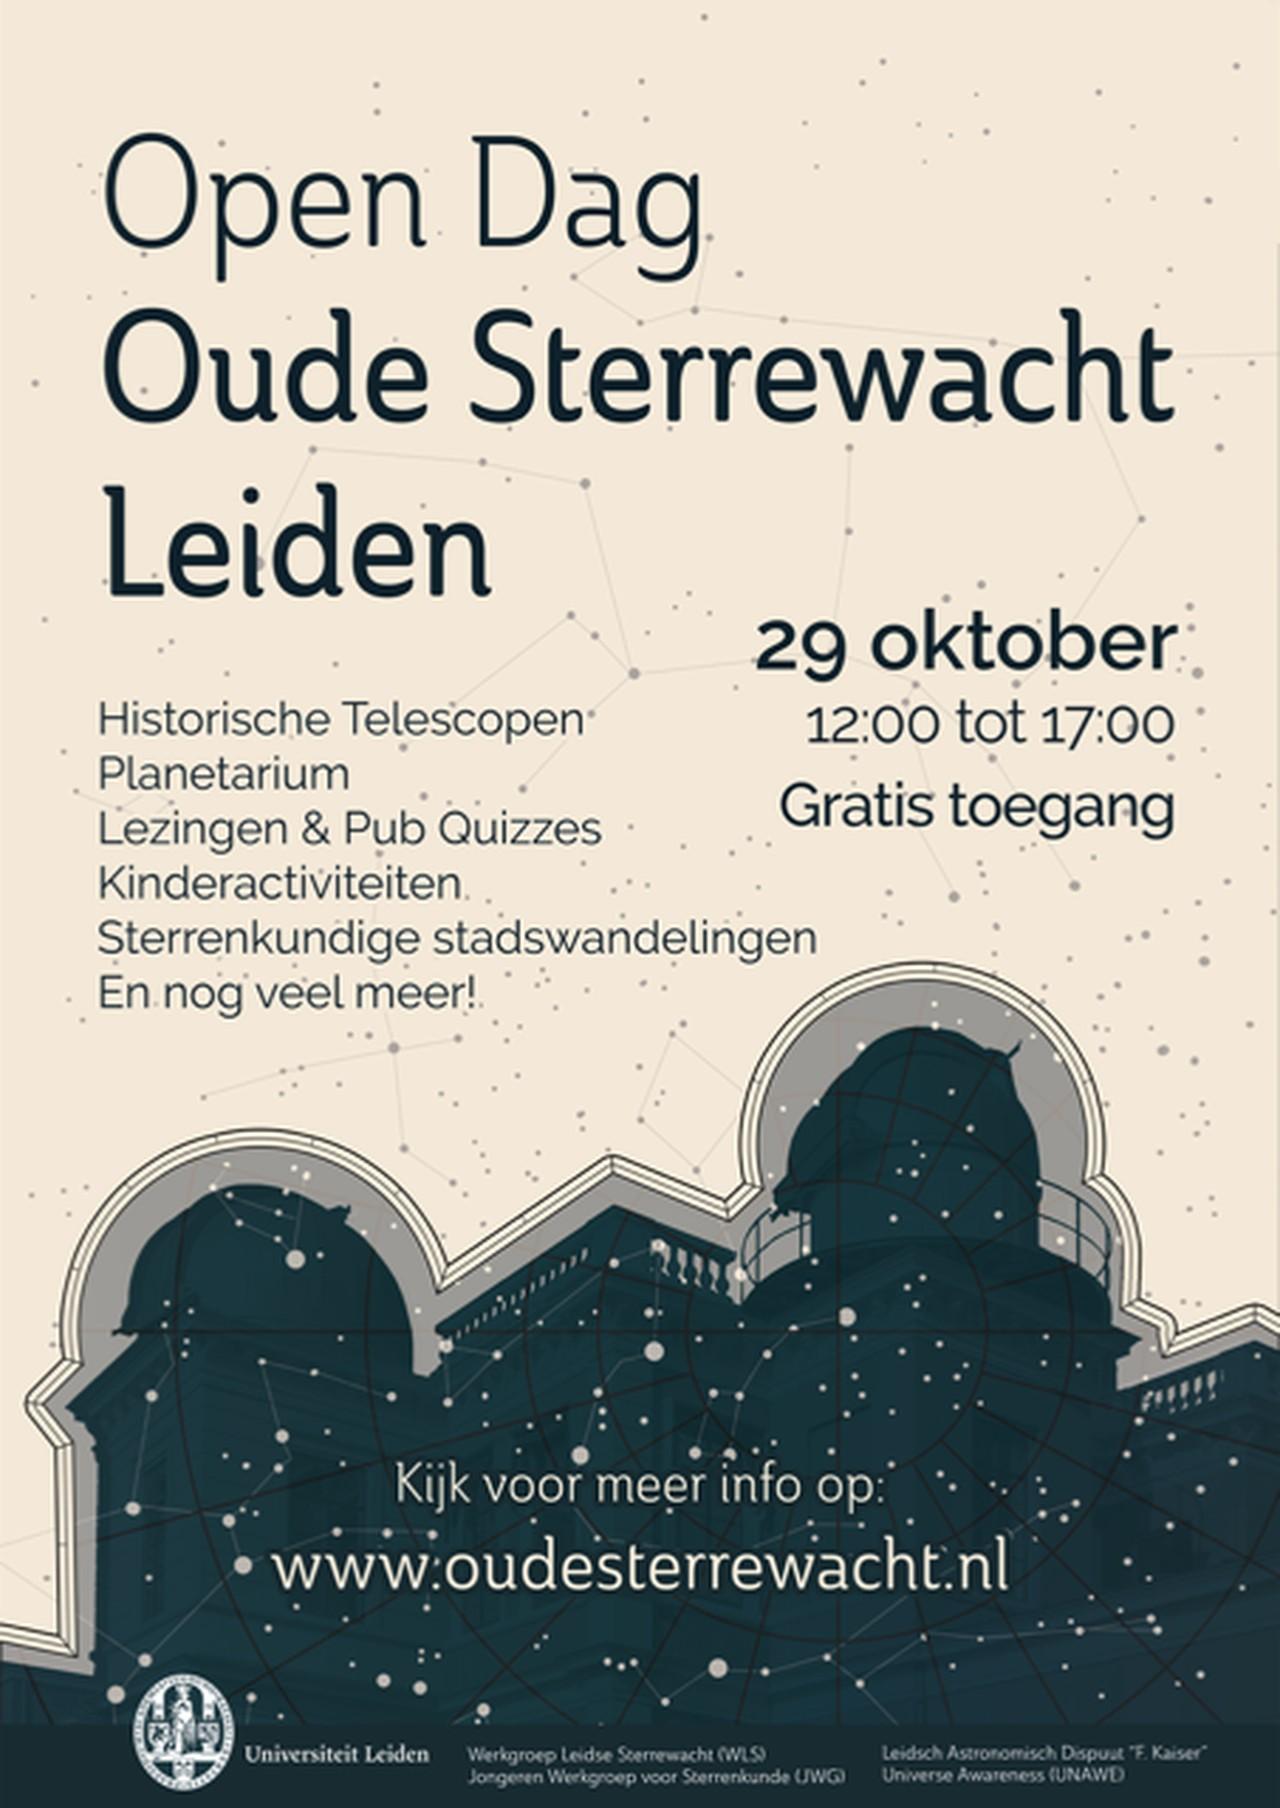 Poster van de Open Dag van de Oude Sterrewacht in Leiden